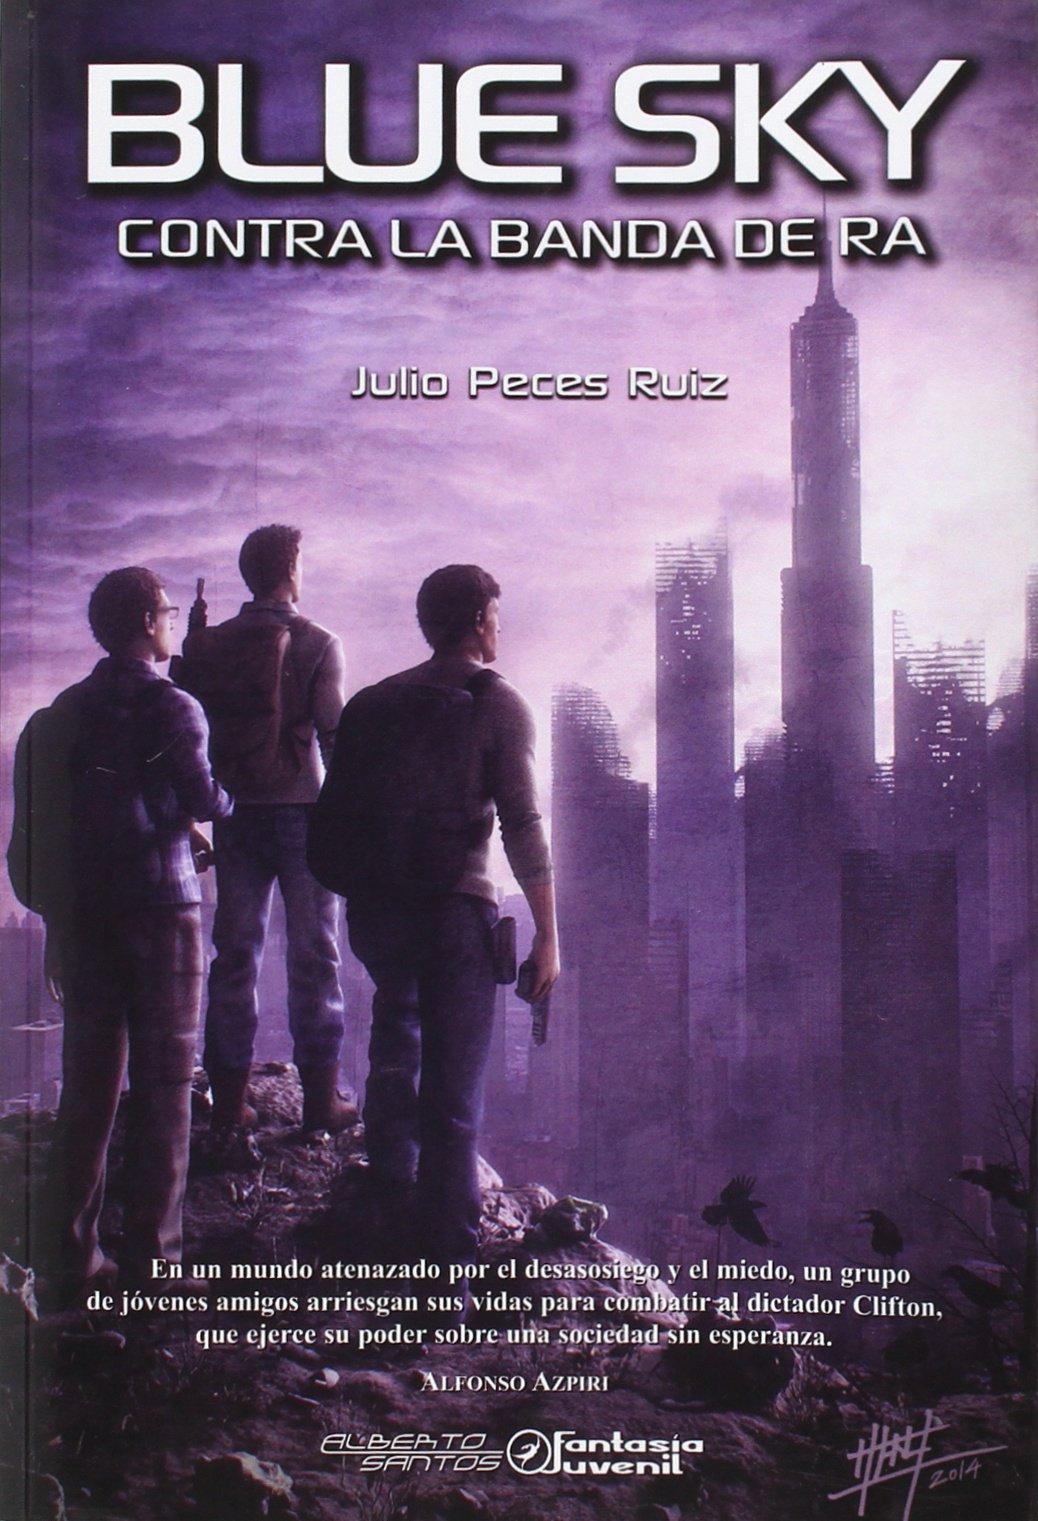 Contra la banda de Ra (Fantasia Juvenil): Amazon.es: Julio Peces Rúiz: Libros